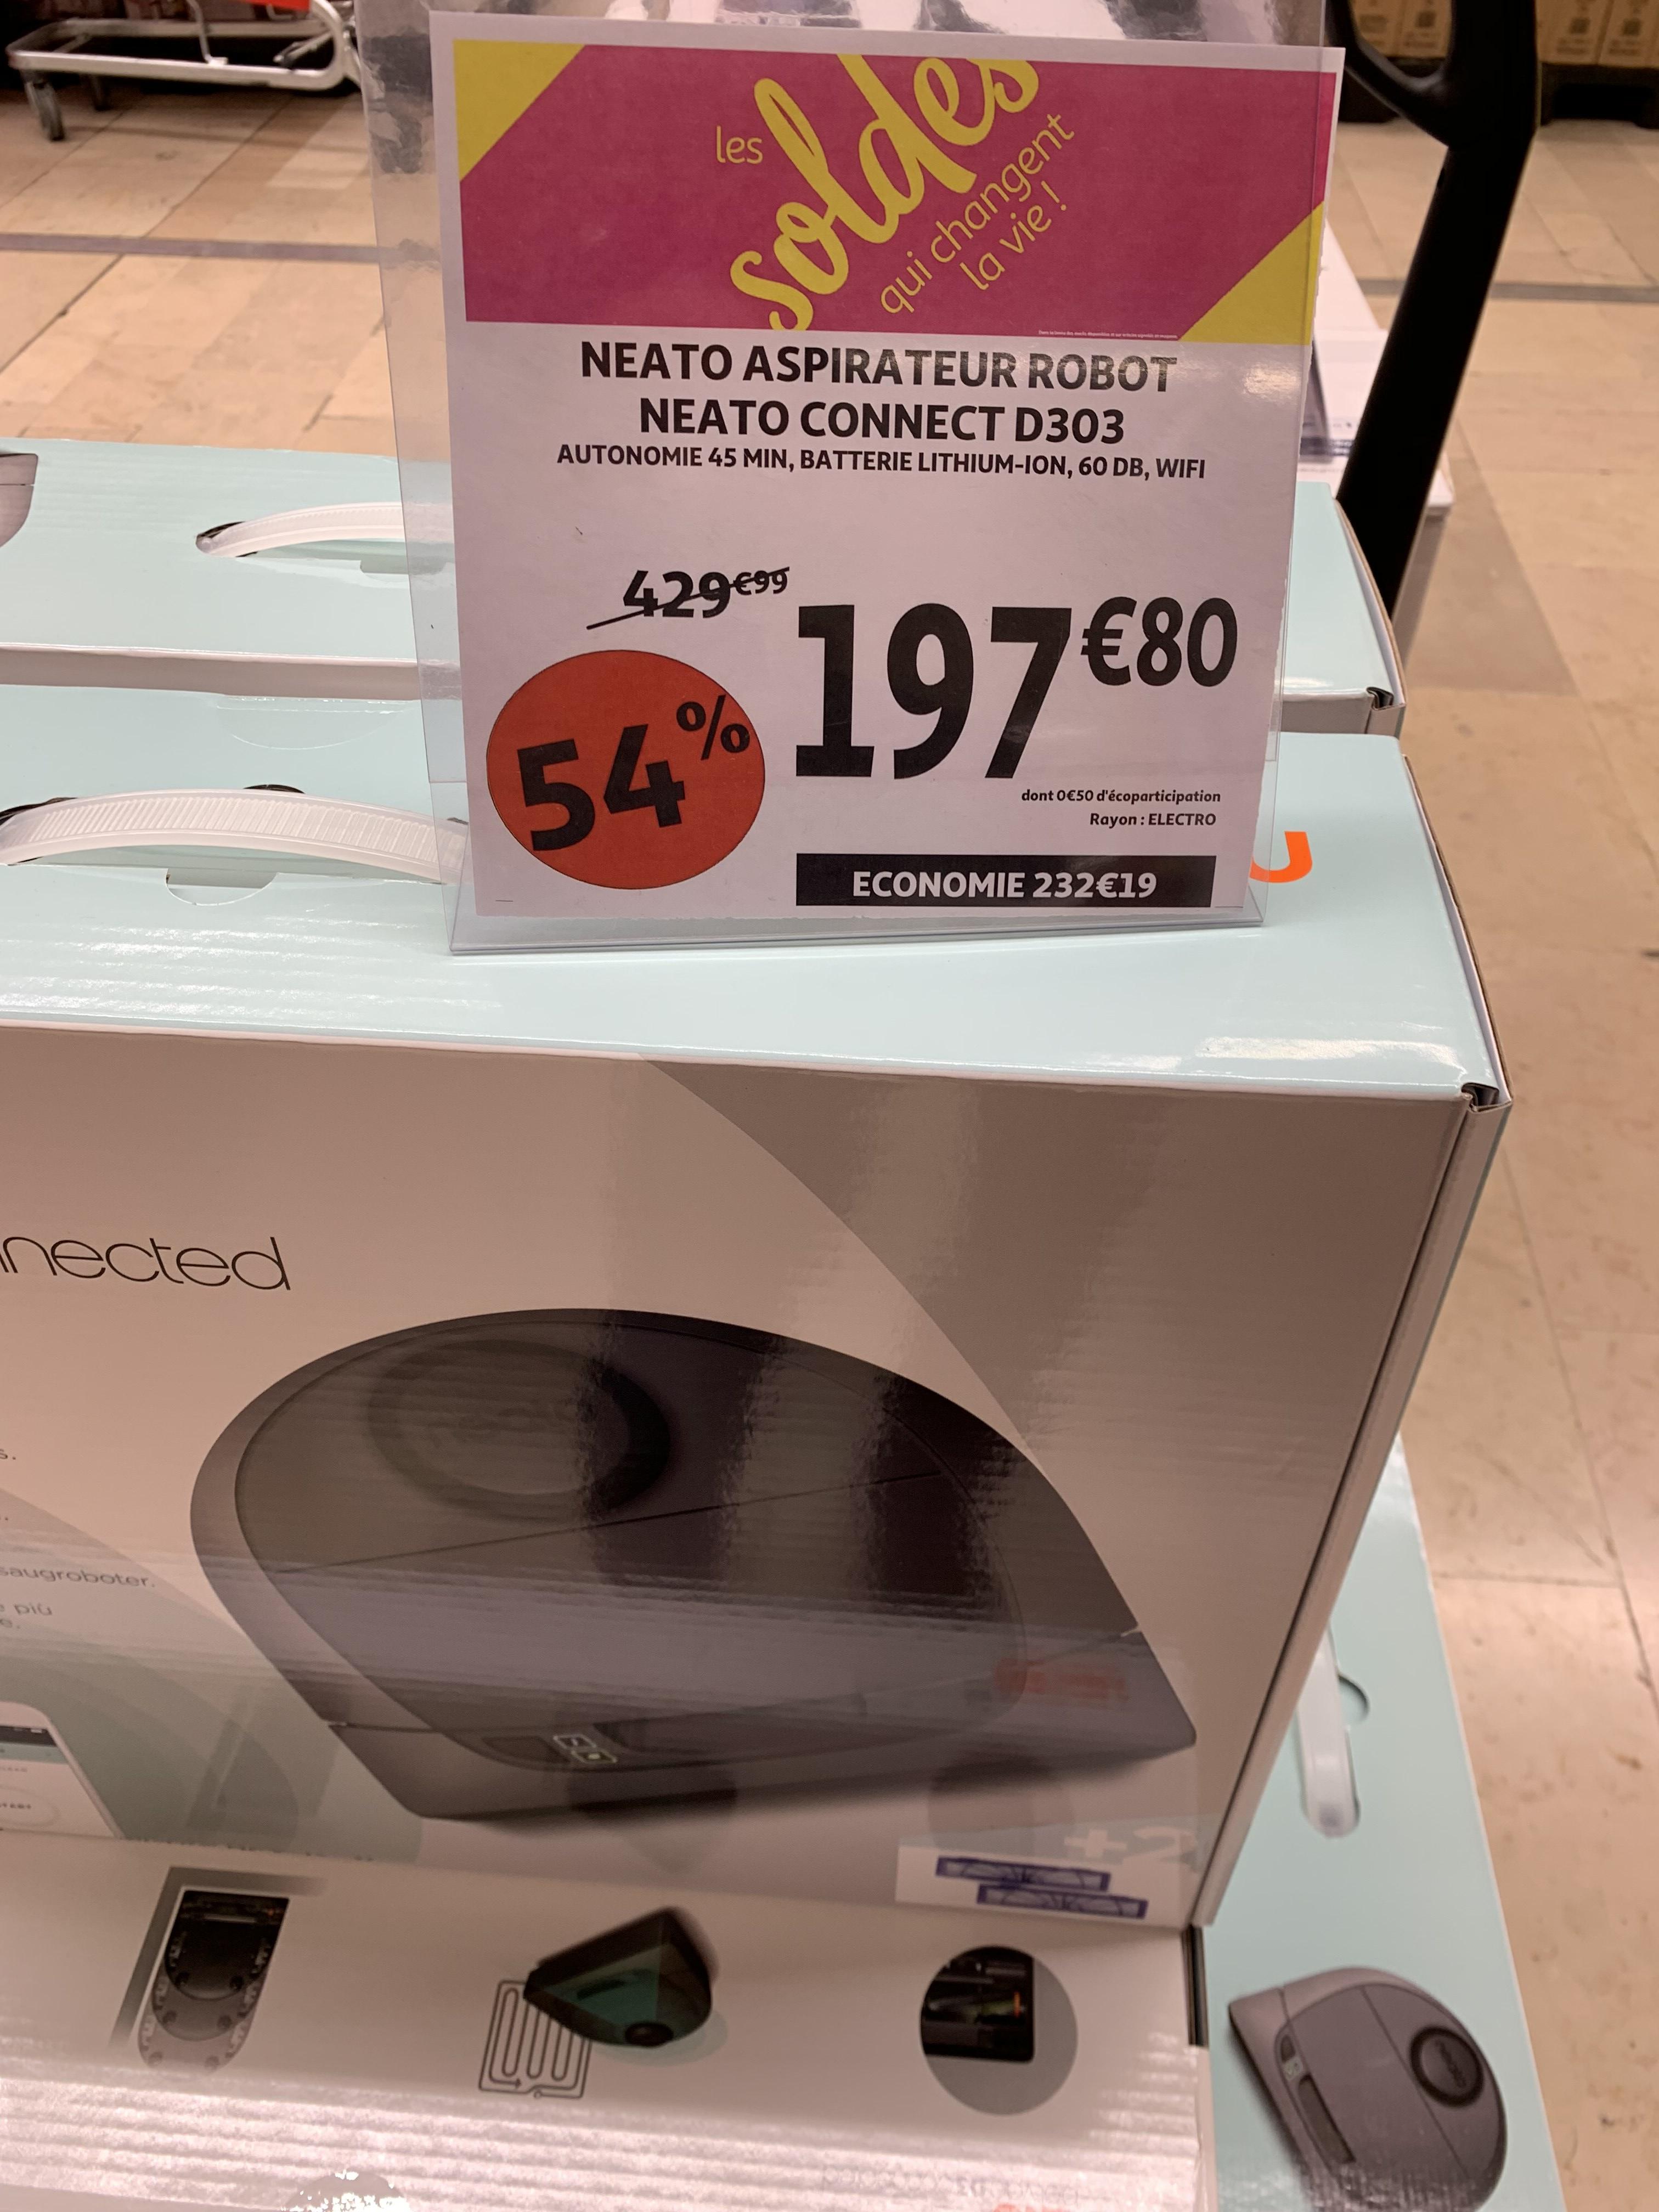 Aspirateur robot Neato D303 - Auchan de Vélizy villancoublay (75)